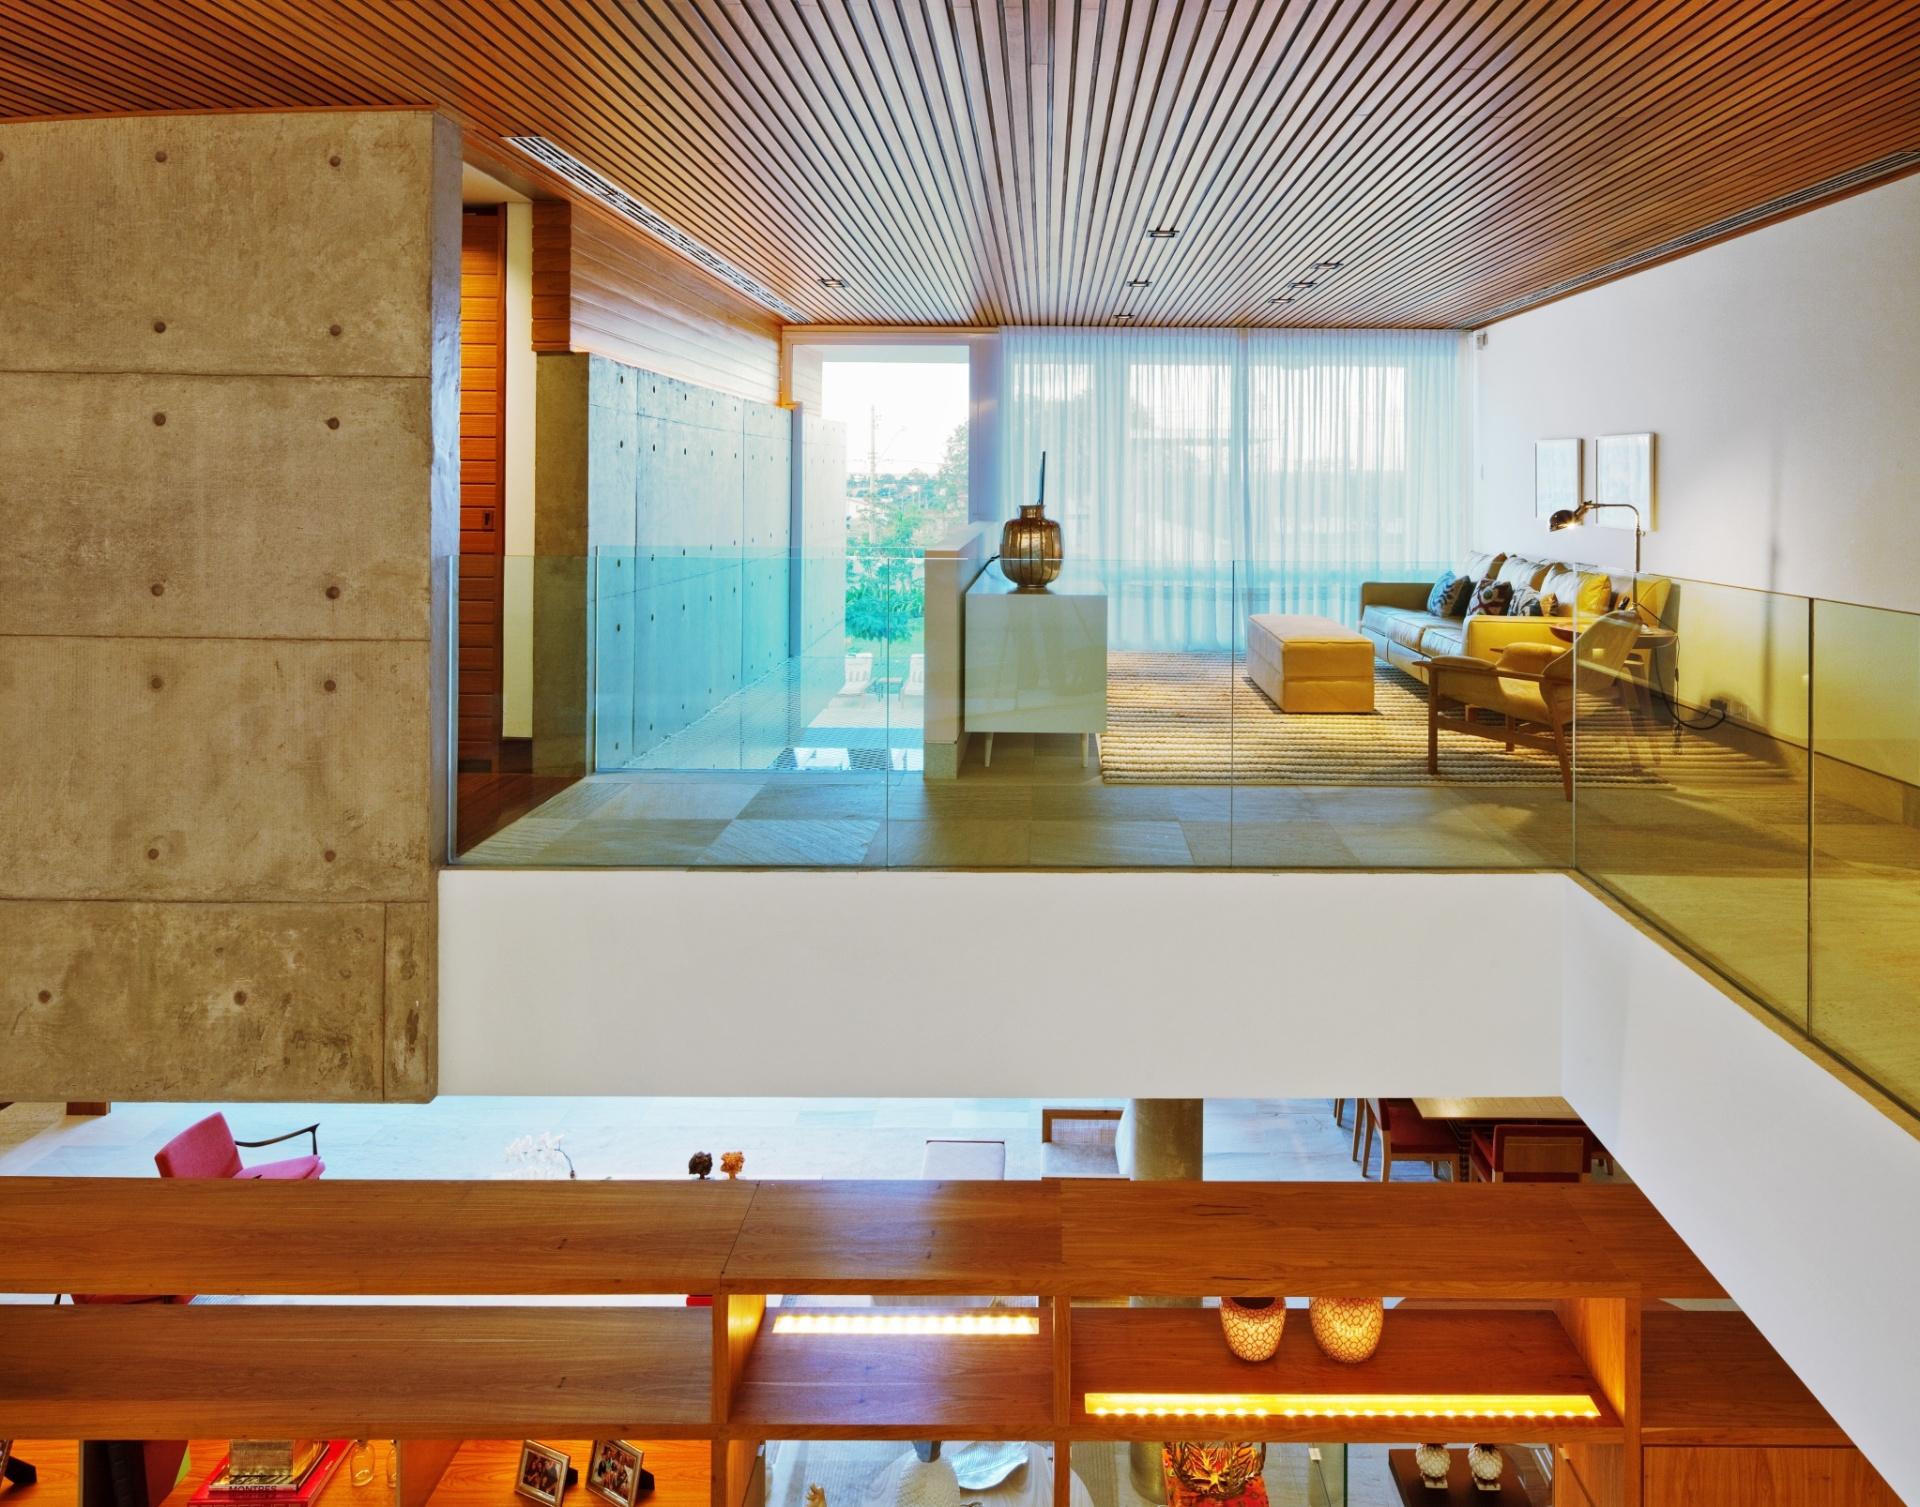 No pavimento superior, uma saleta íntima precede o corredor de acesso aos dormitórios. Esse espaço possui atmosfera acolhedora e é muito usado pela família. Destaque para a mescla harmônica de materiais, como concreto, madeira, pedra e vidro. A Casa FG foi projetada pelo escritório Reinach Mendonça Arquitetos Associados